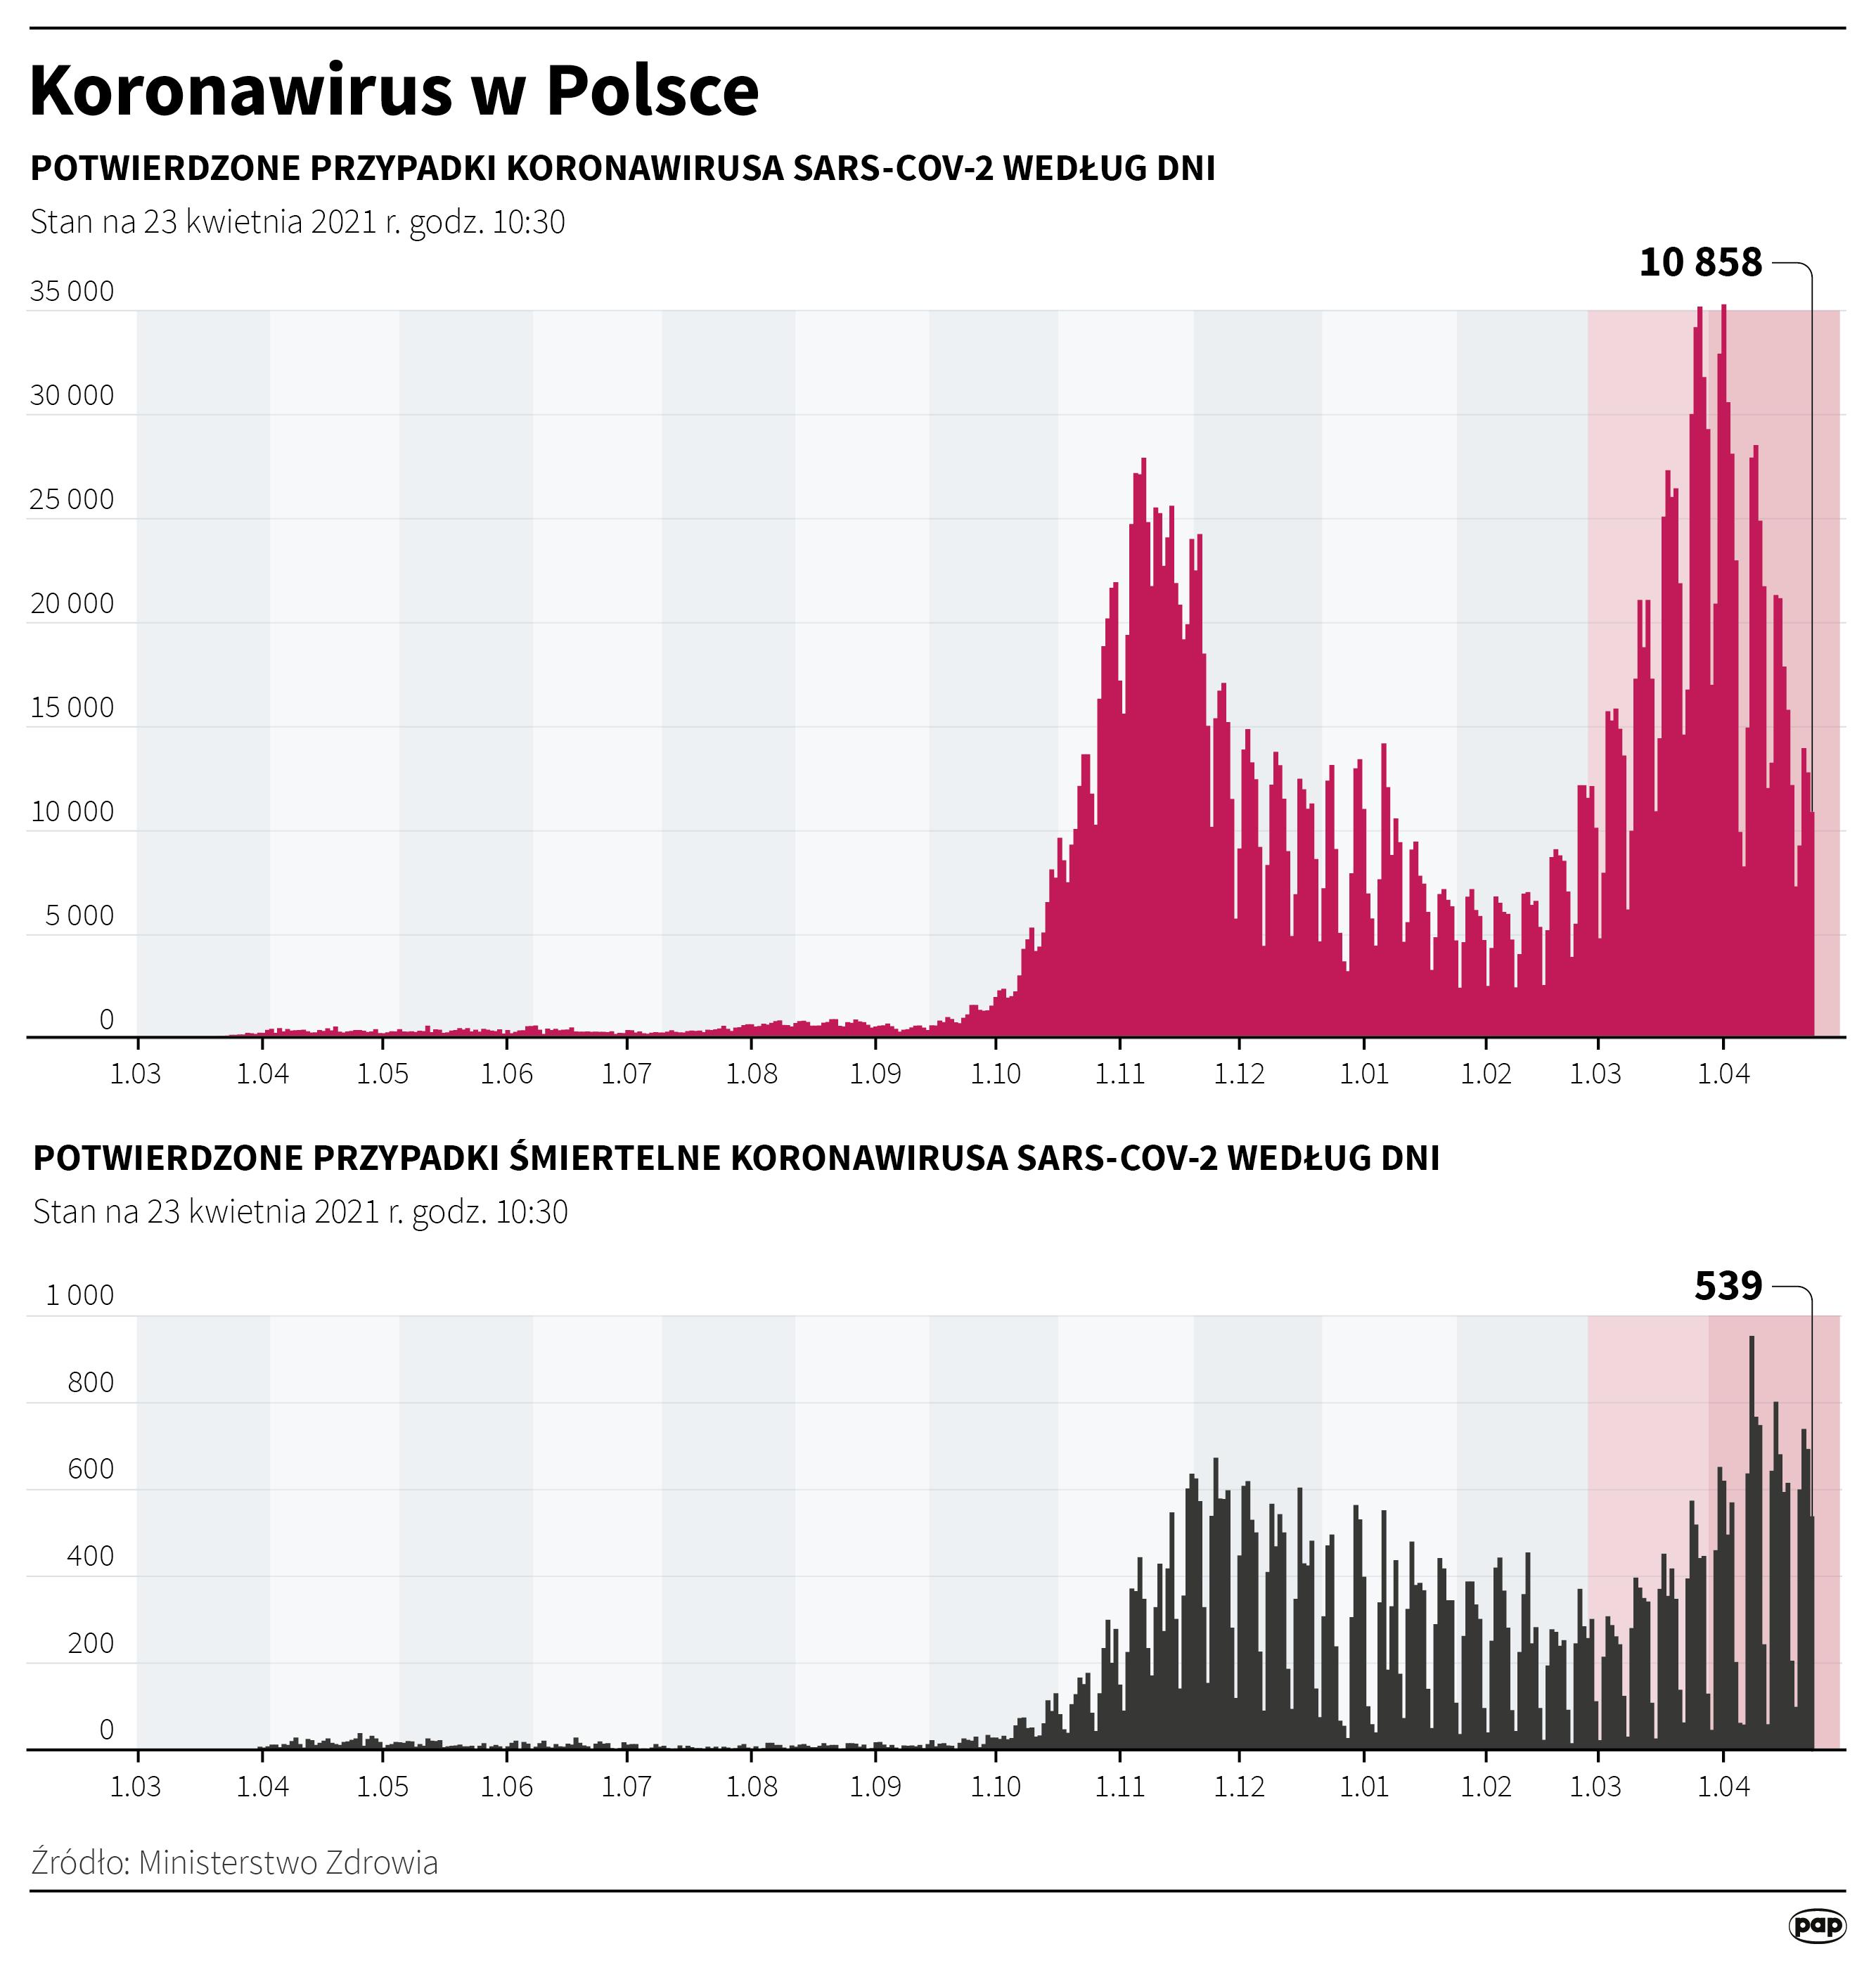 Koronawirus w Polsce stan na 23 kwietnia [autor: Maciej Zieliński, źródło: PAP]